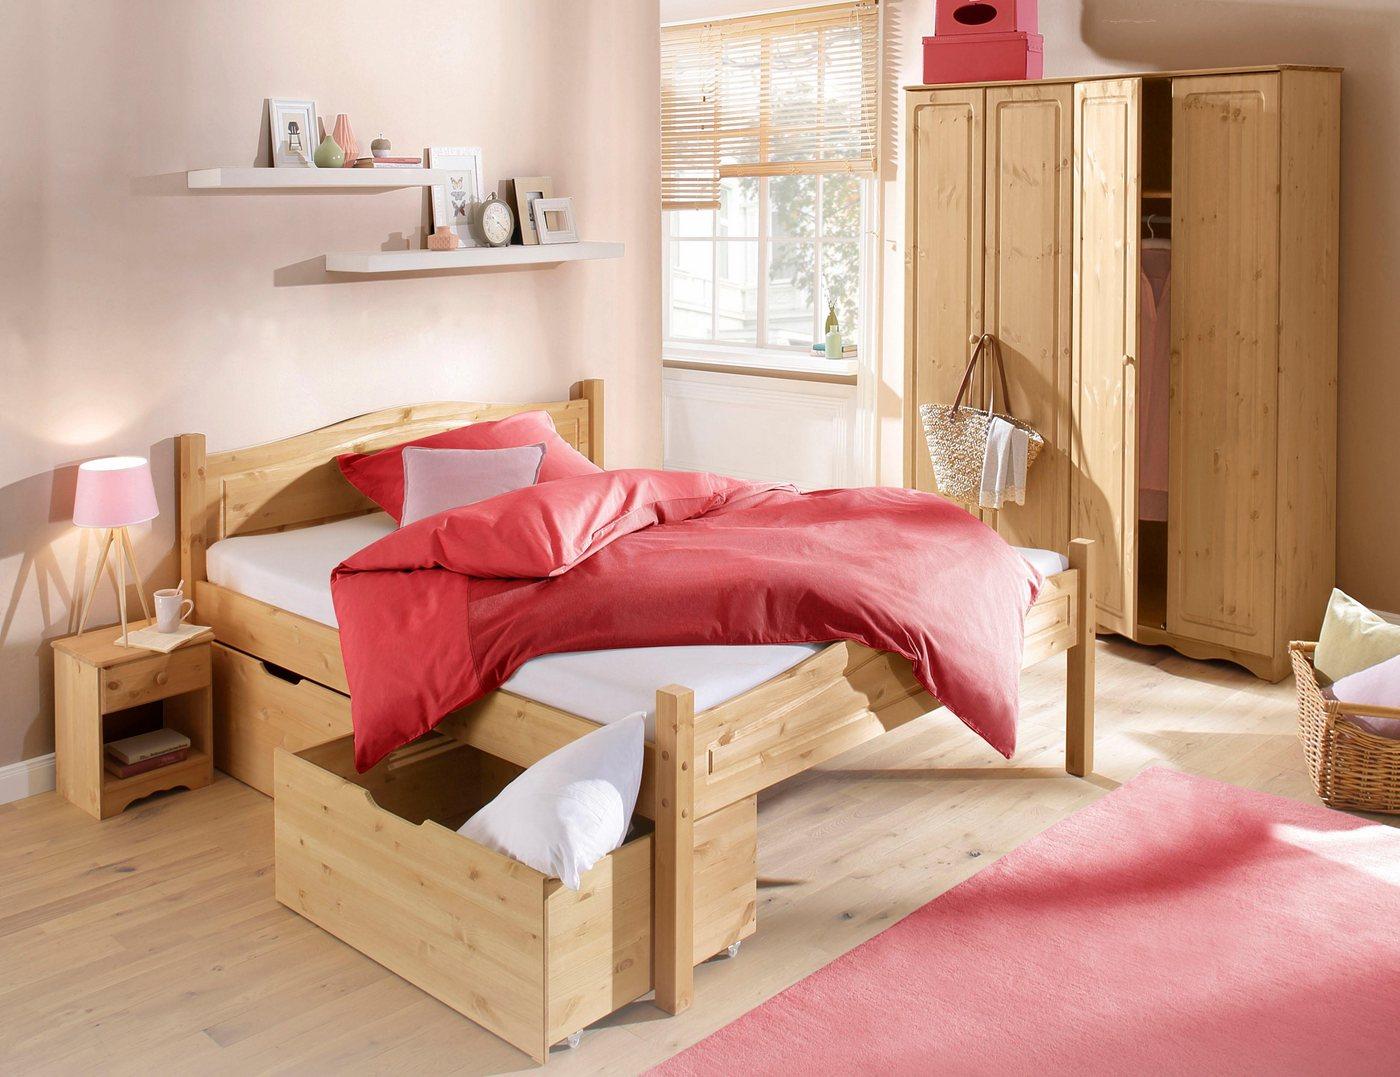 HOME AFFAIRE slaapkamerserie Emden (4-dlg.), met 4-deurs garderobekast